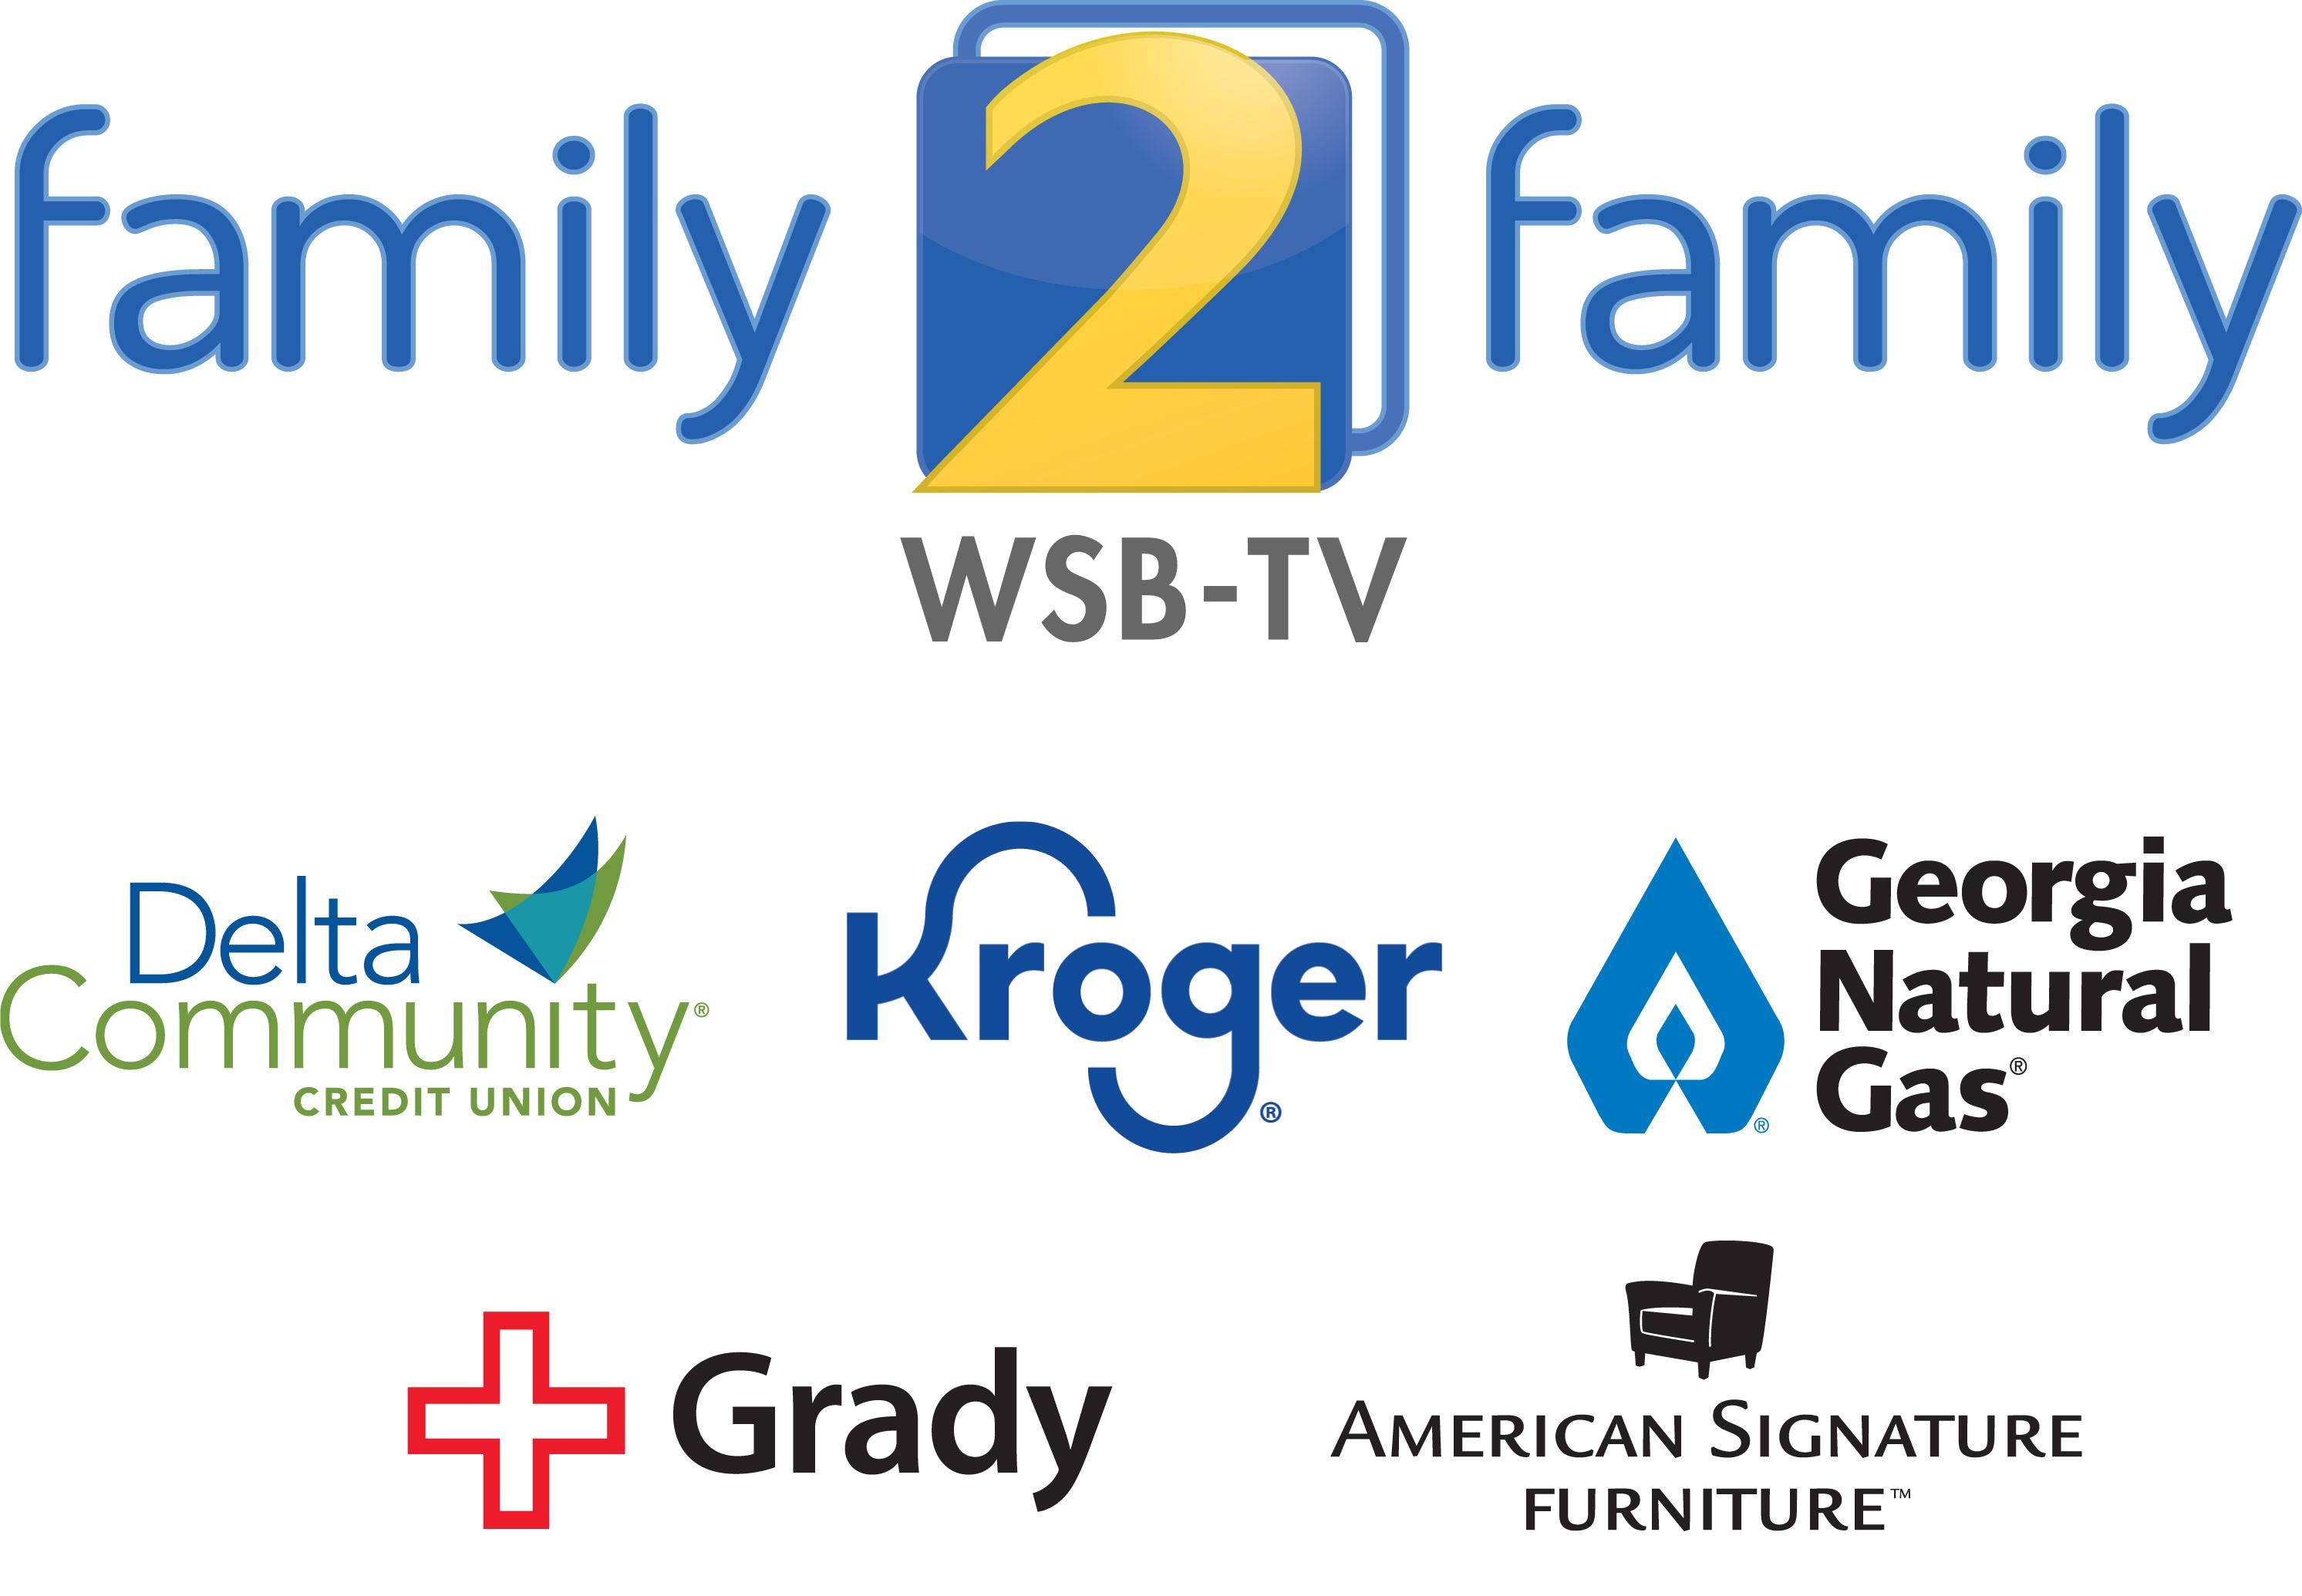 Family 2 Family sponsors